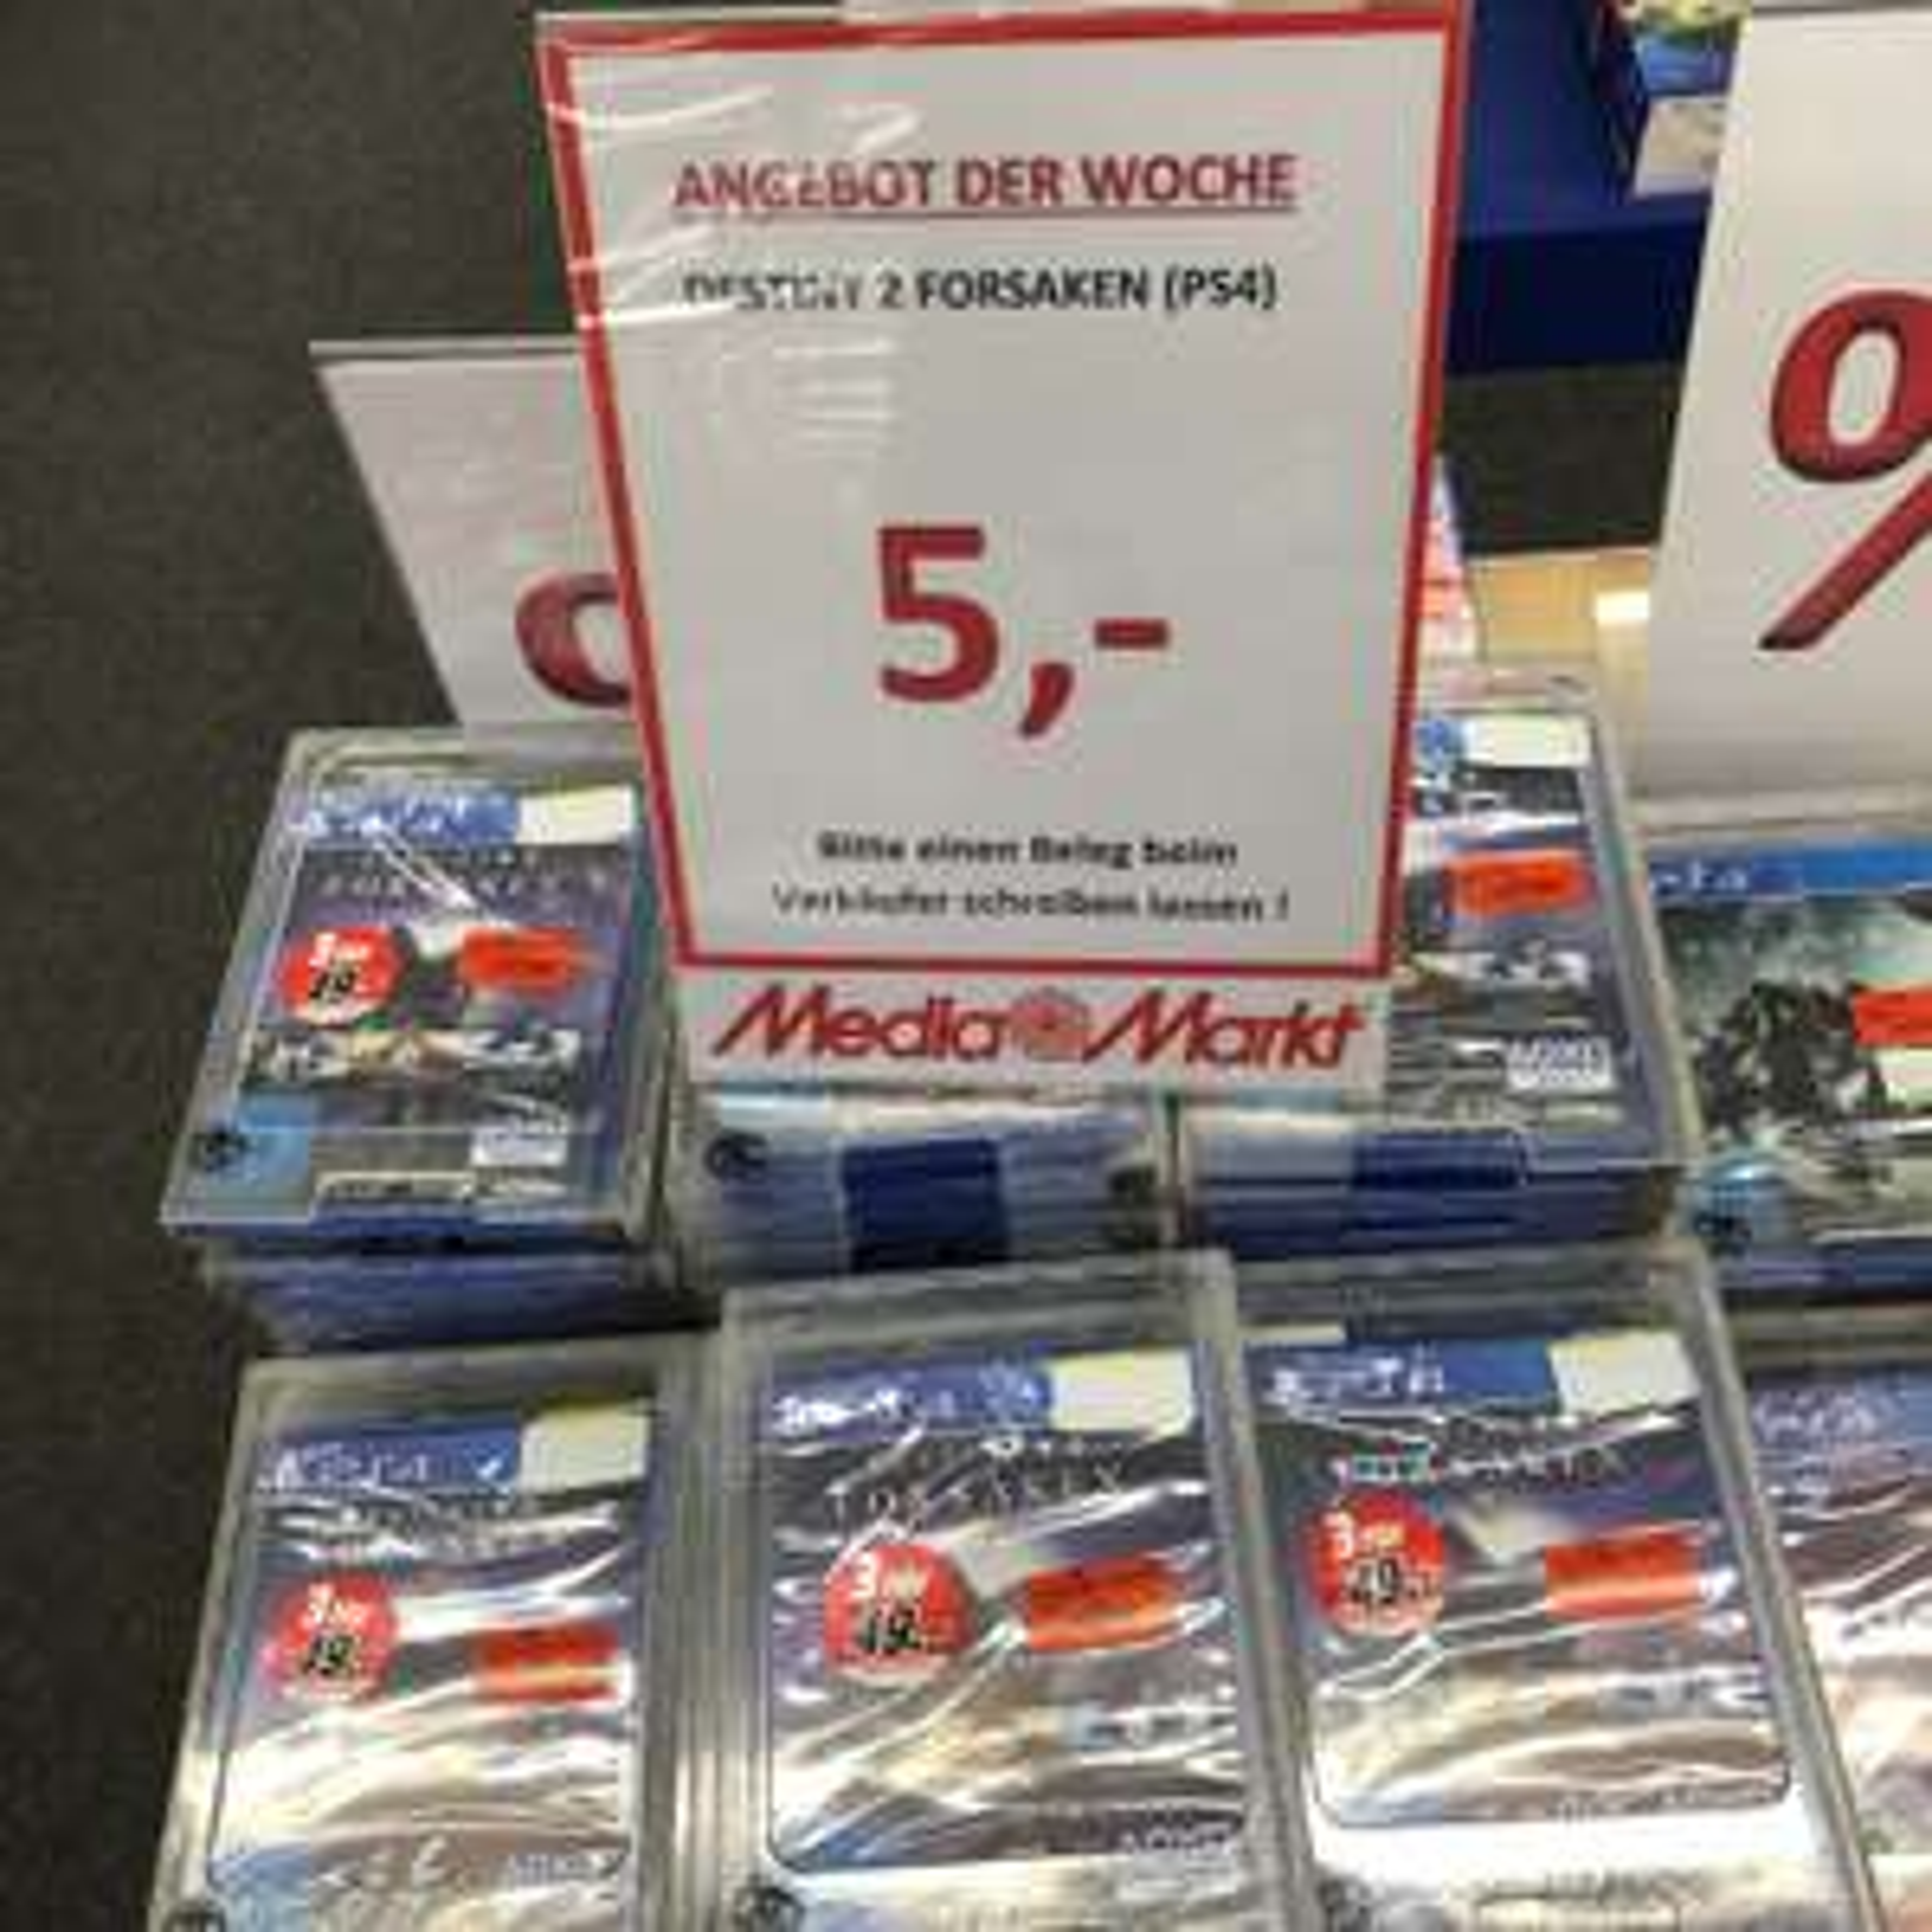 PS4 Destiny 2 Forsaken Legendary Collection Media Markt Baden-Baden